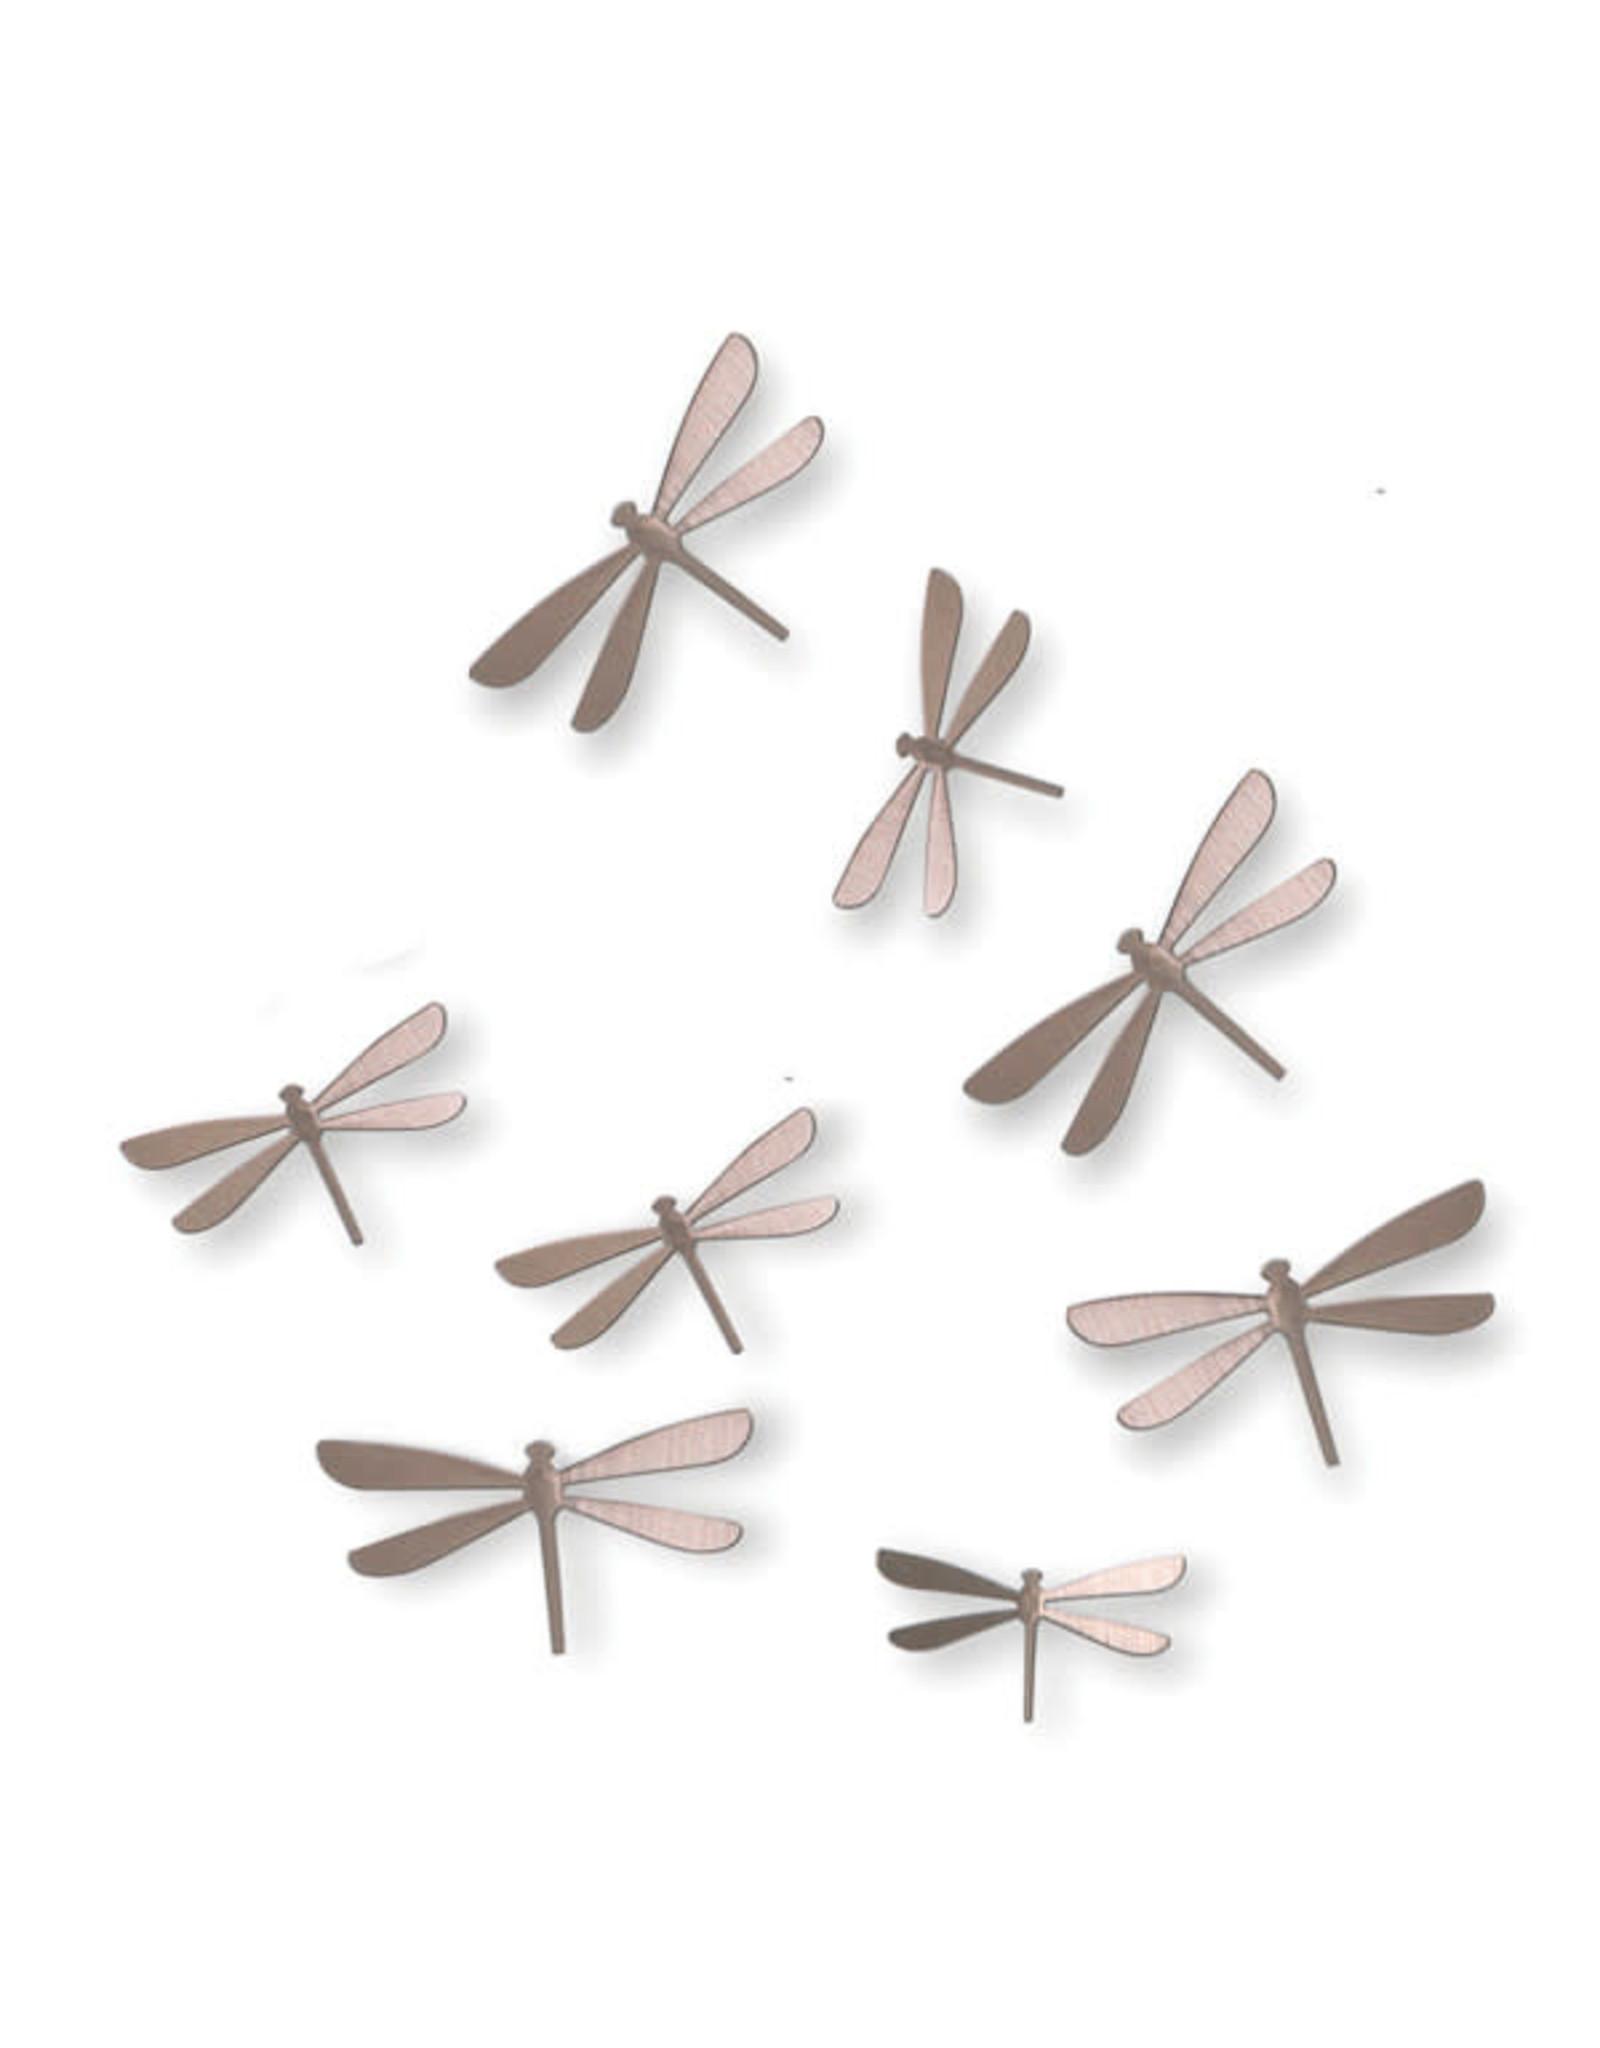 Umbra muurdeco - libelle (nikkel)